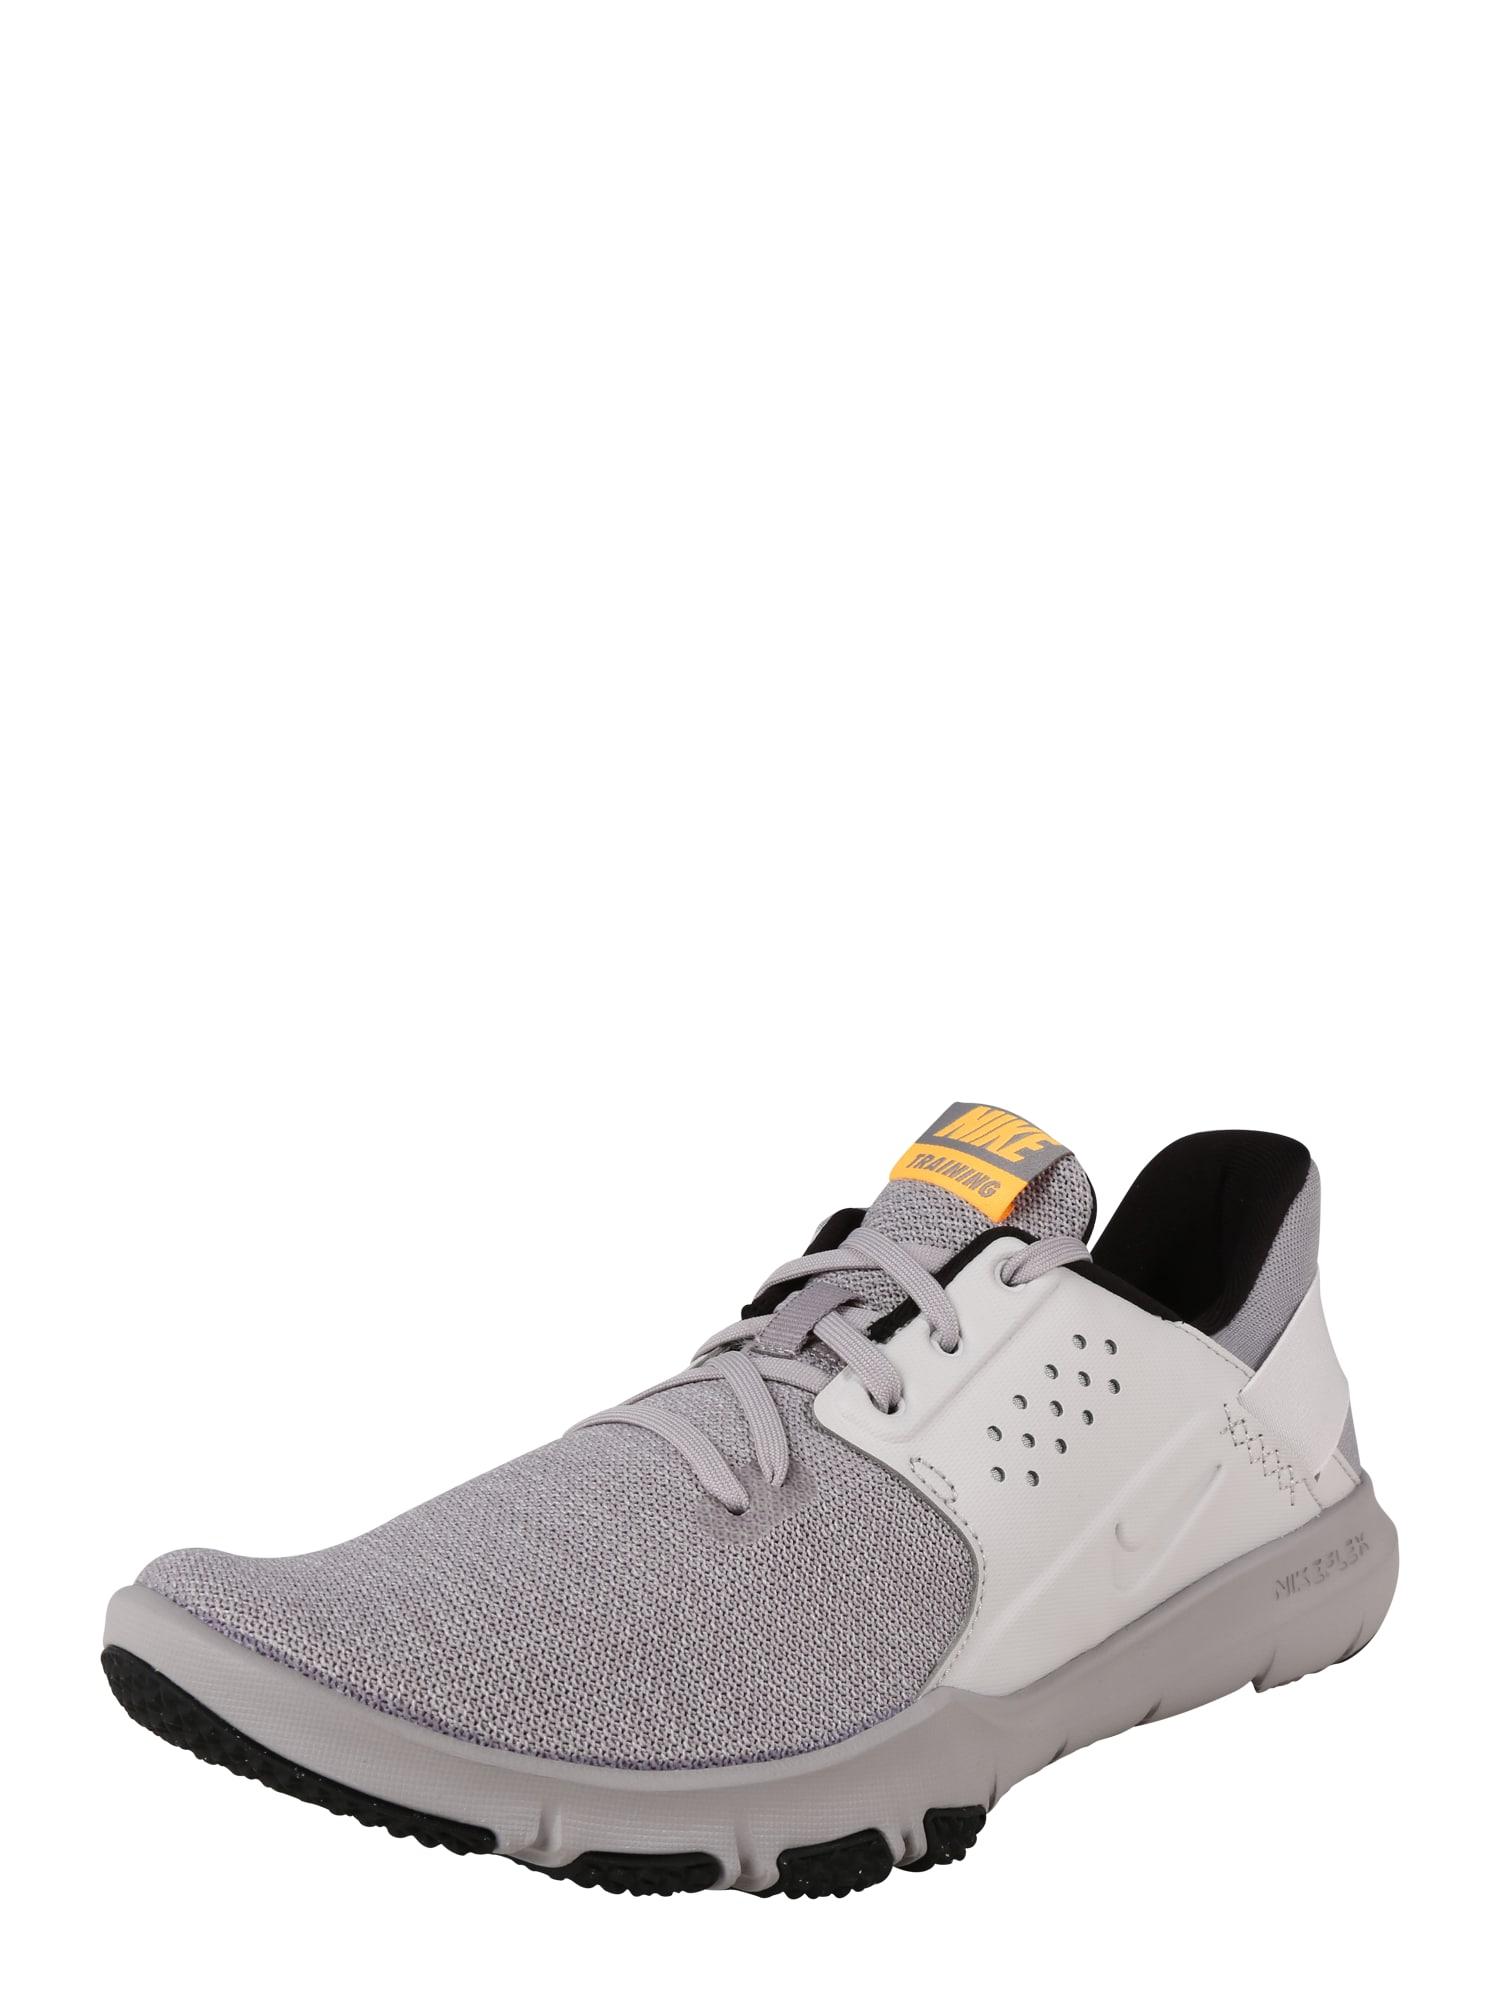 Sportovní boty Flex Control 3 světle šedá oranžová NIKE